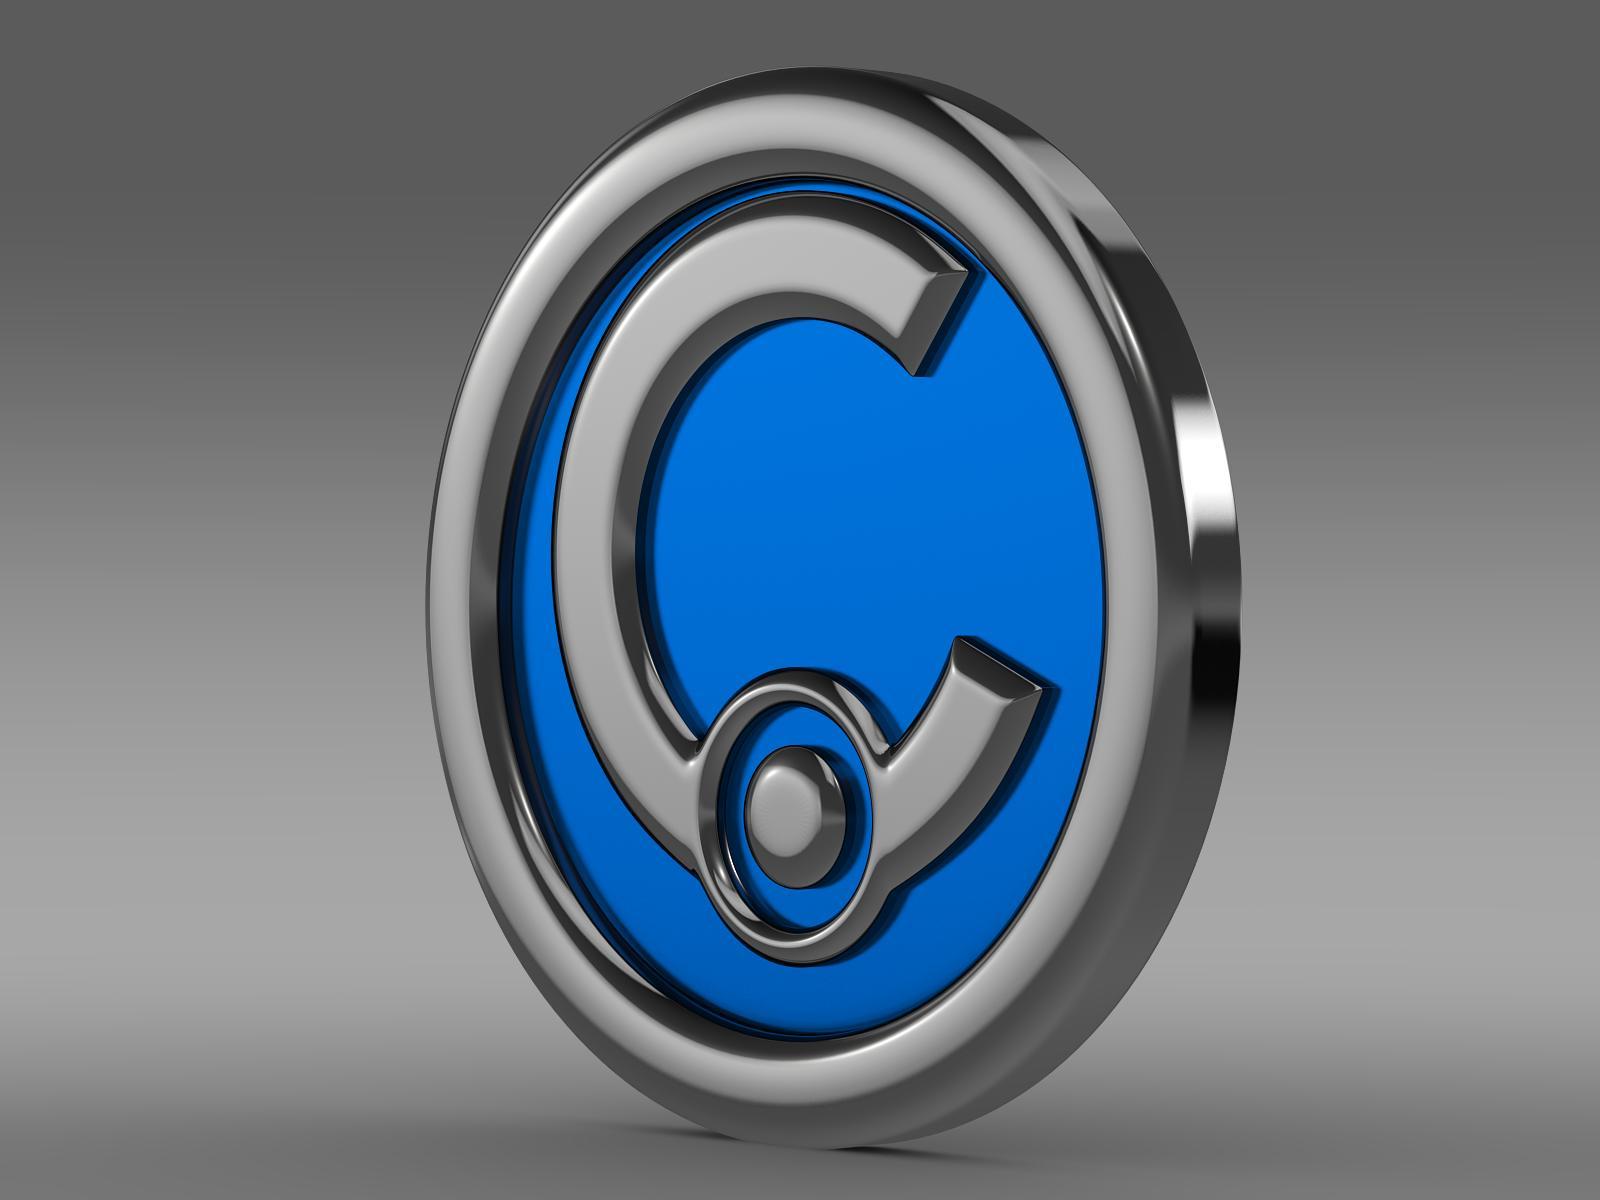 Casalini logo 3d model 3ds max fbx c4d lwo lws lw ma mb  obj 208235